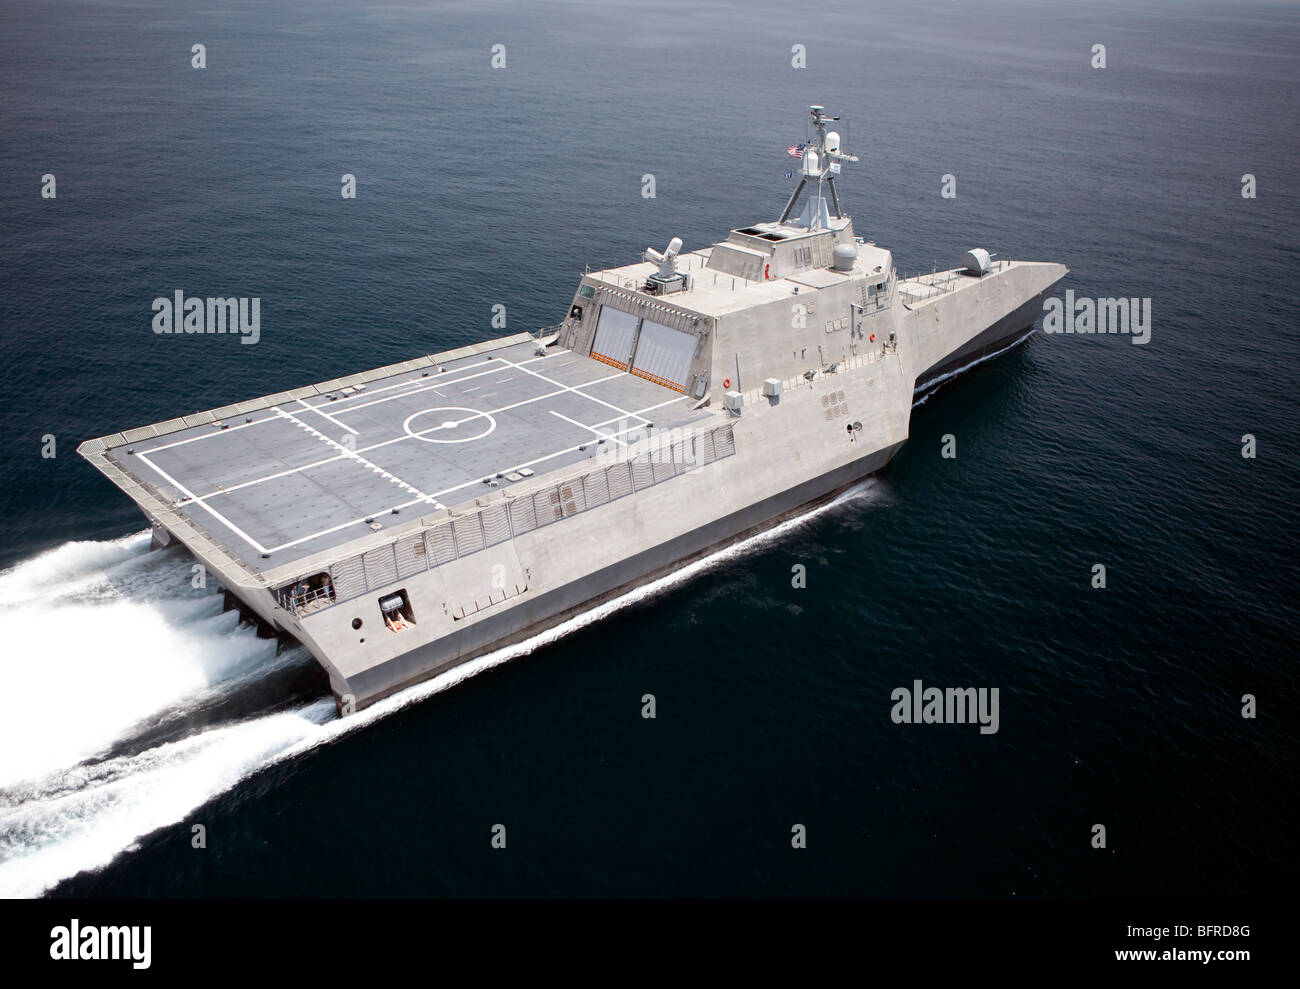 Le navire de combat littoral indépendance sont en cours durant les essais du constructeur dans le golfe du Photo Stock